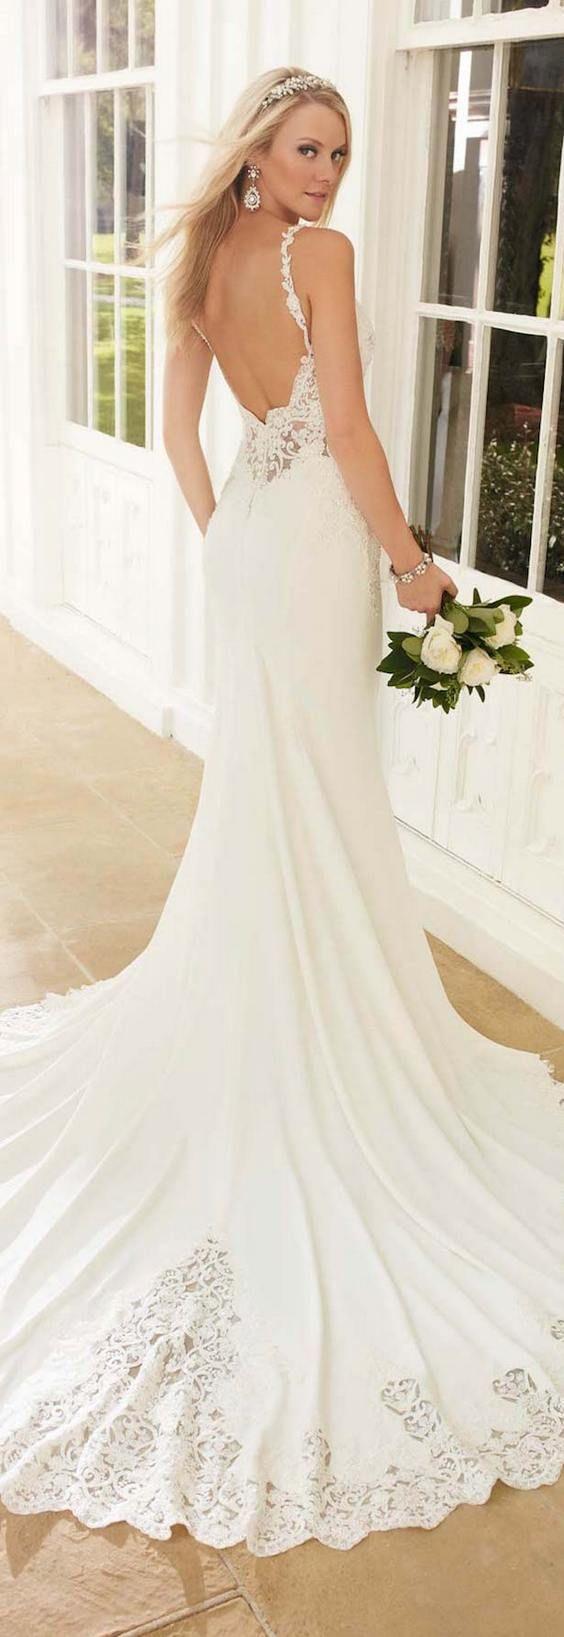 Best 25+ Open back wedding ideas on Pinterest   Open back ... - photo #7